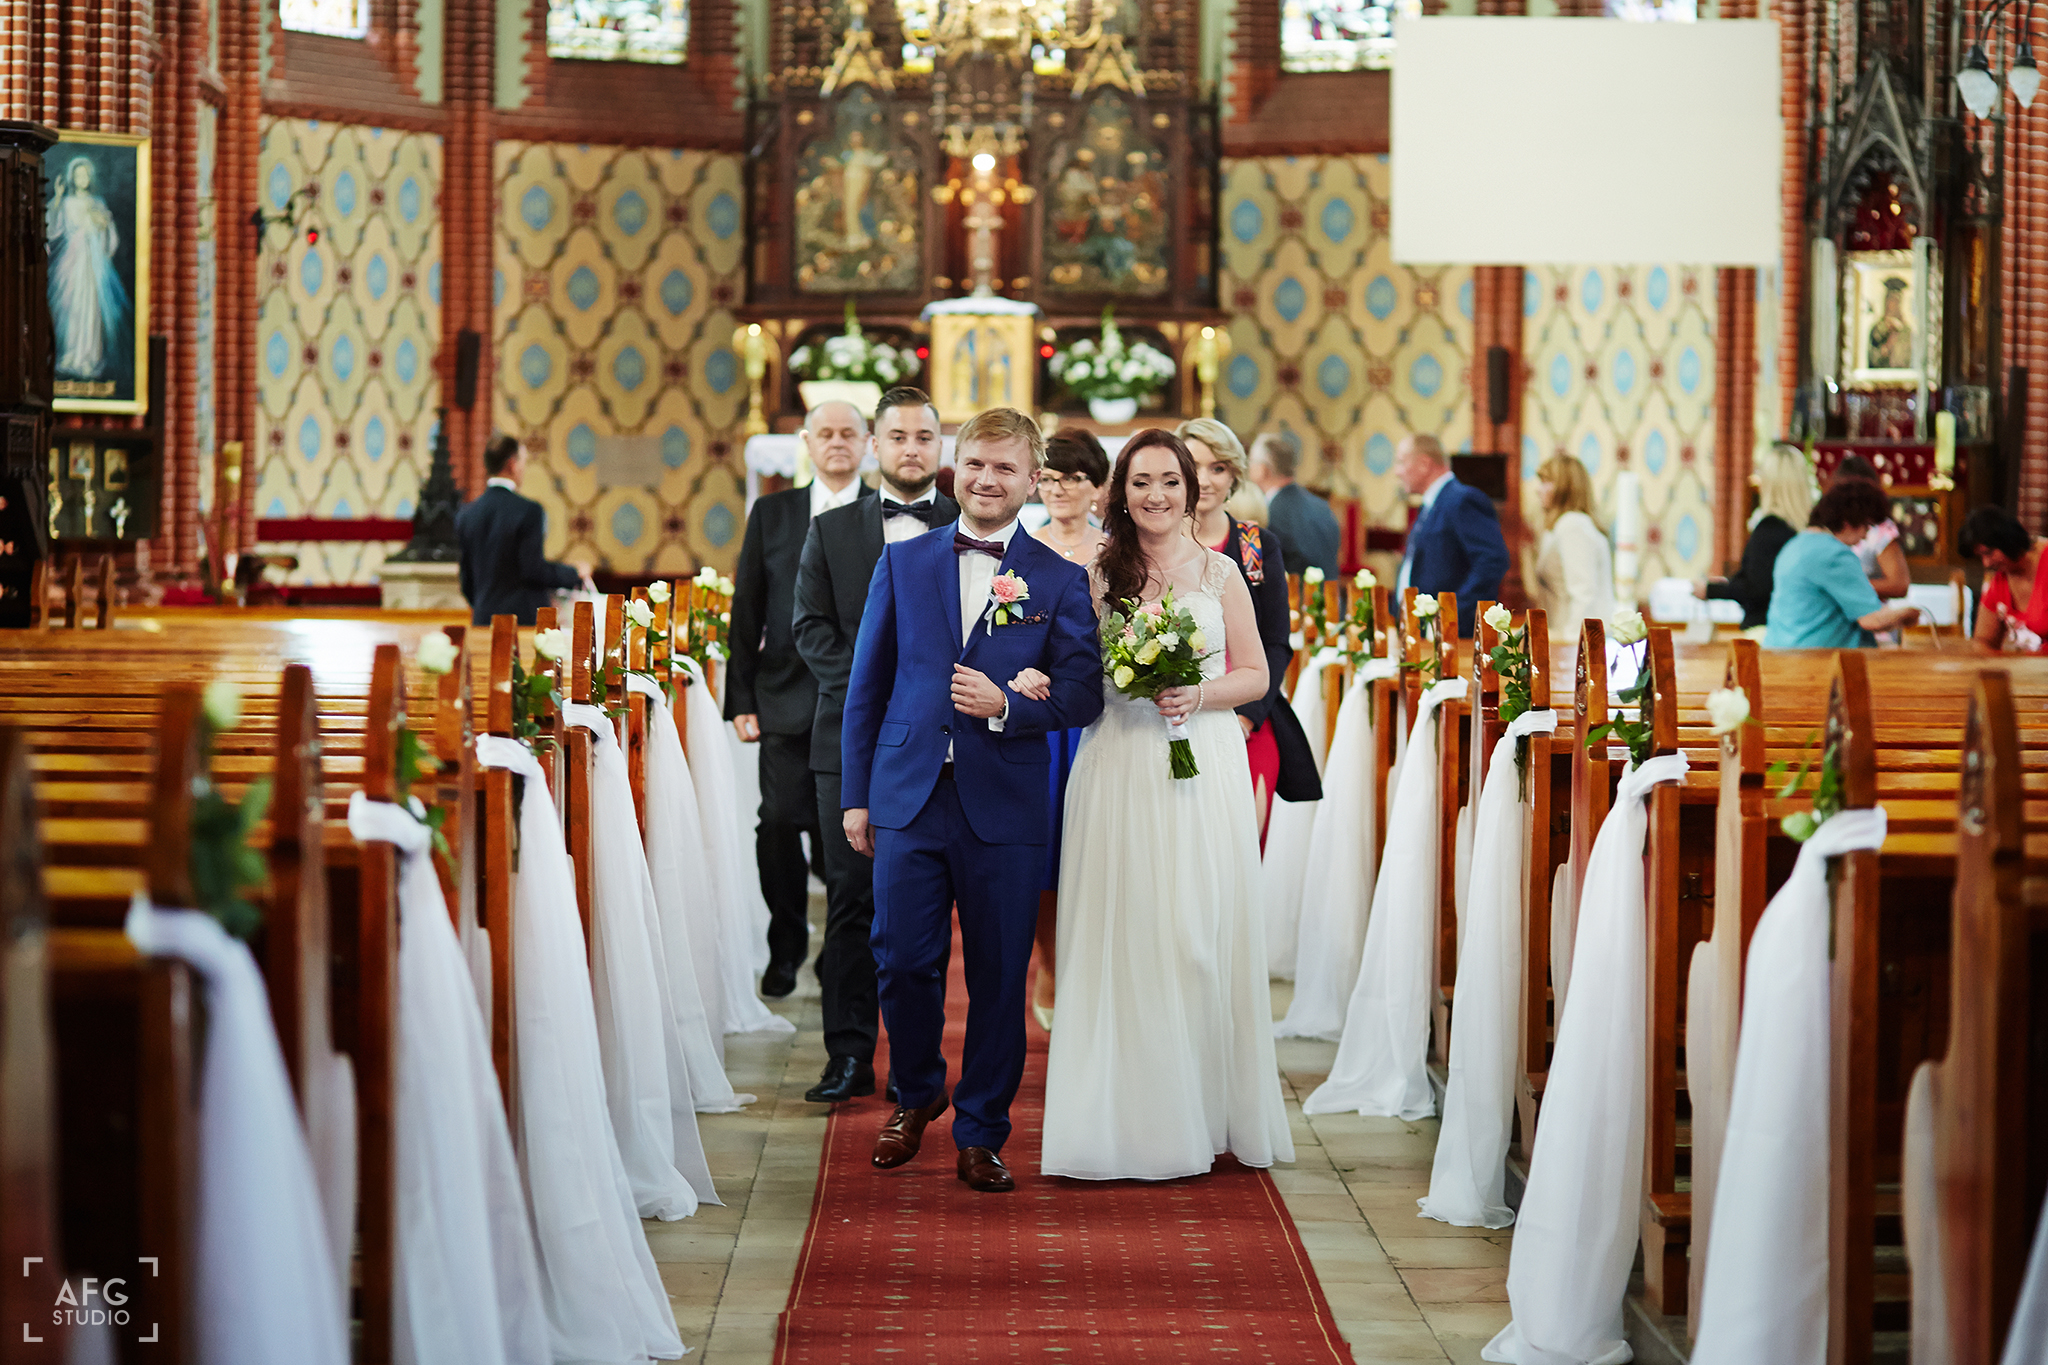 dywan, kościół, dekoracje ślubnedywan, kościół, dekoracje ślubne